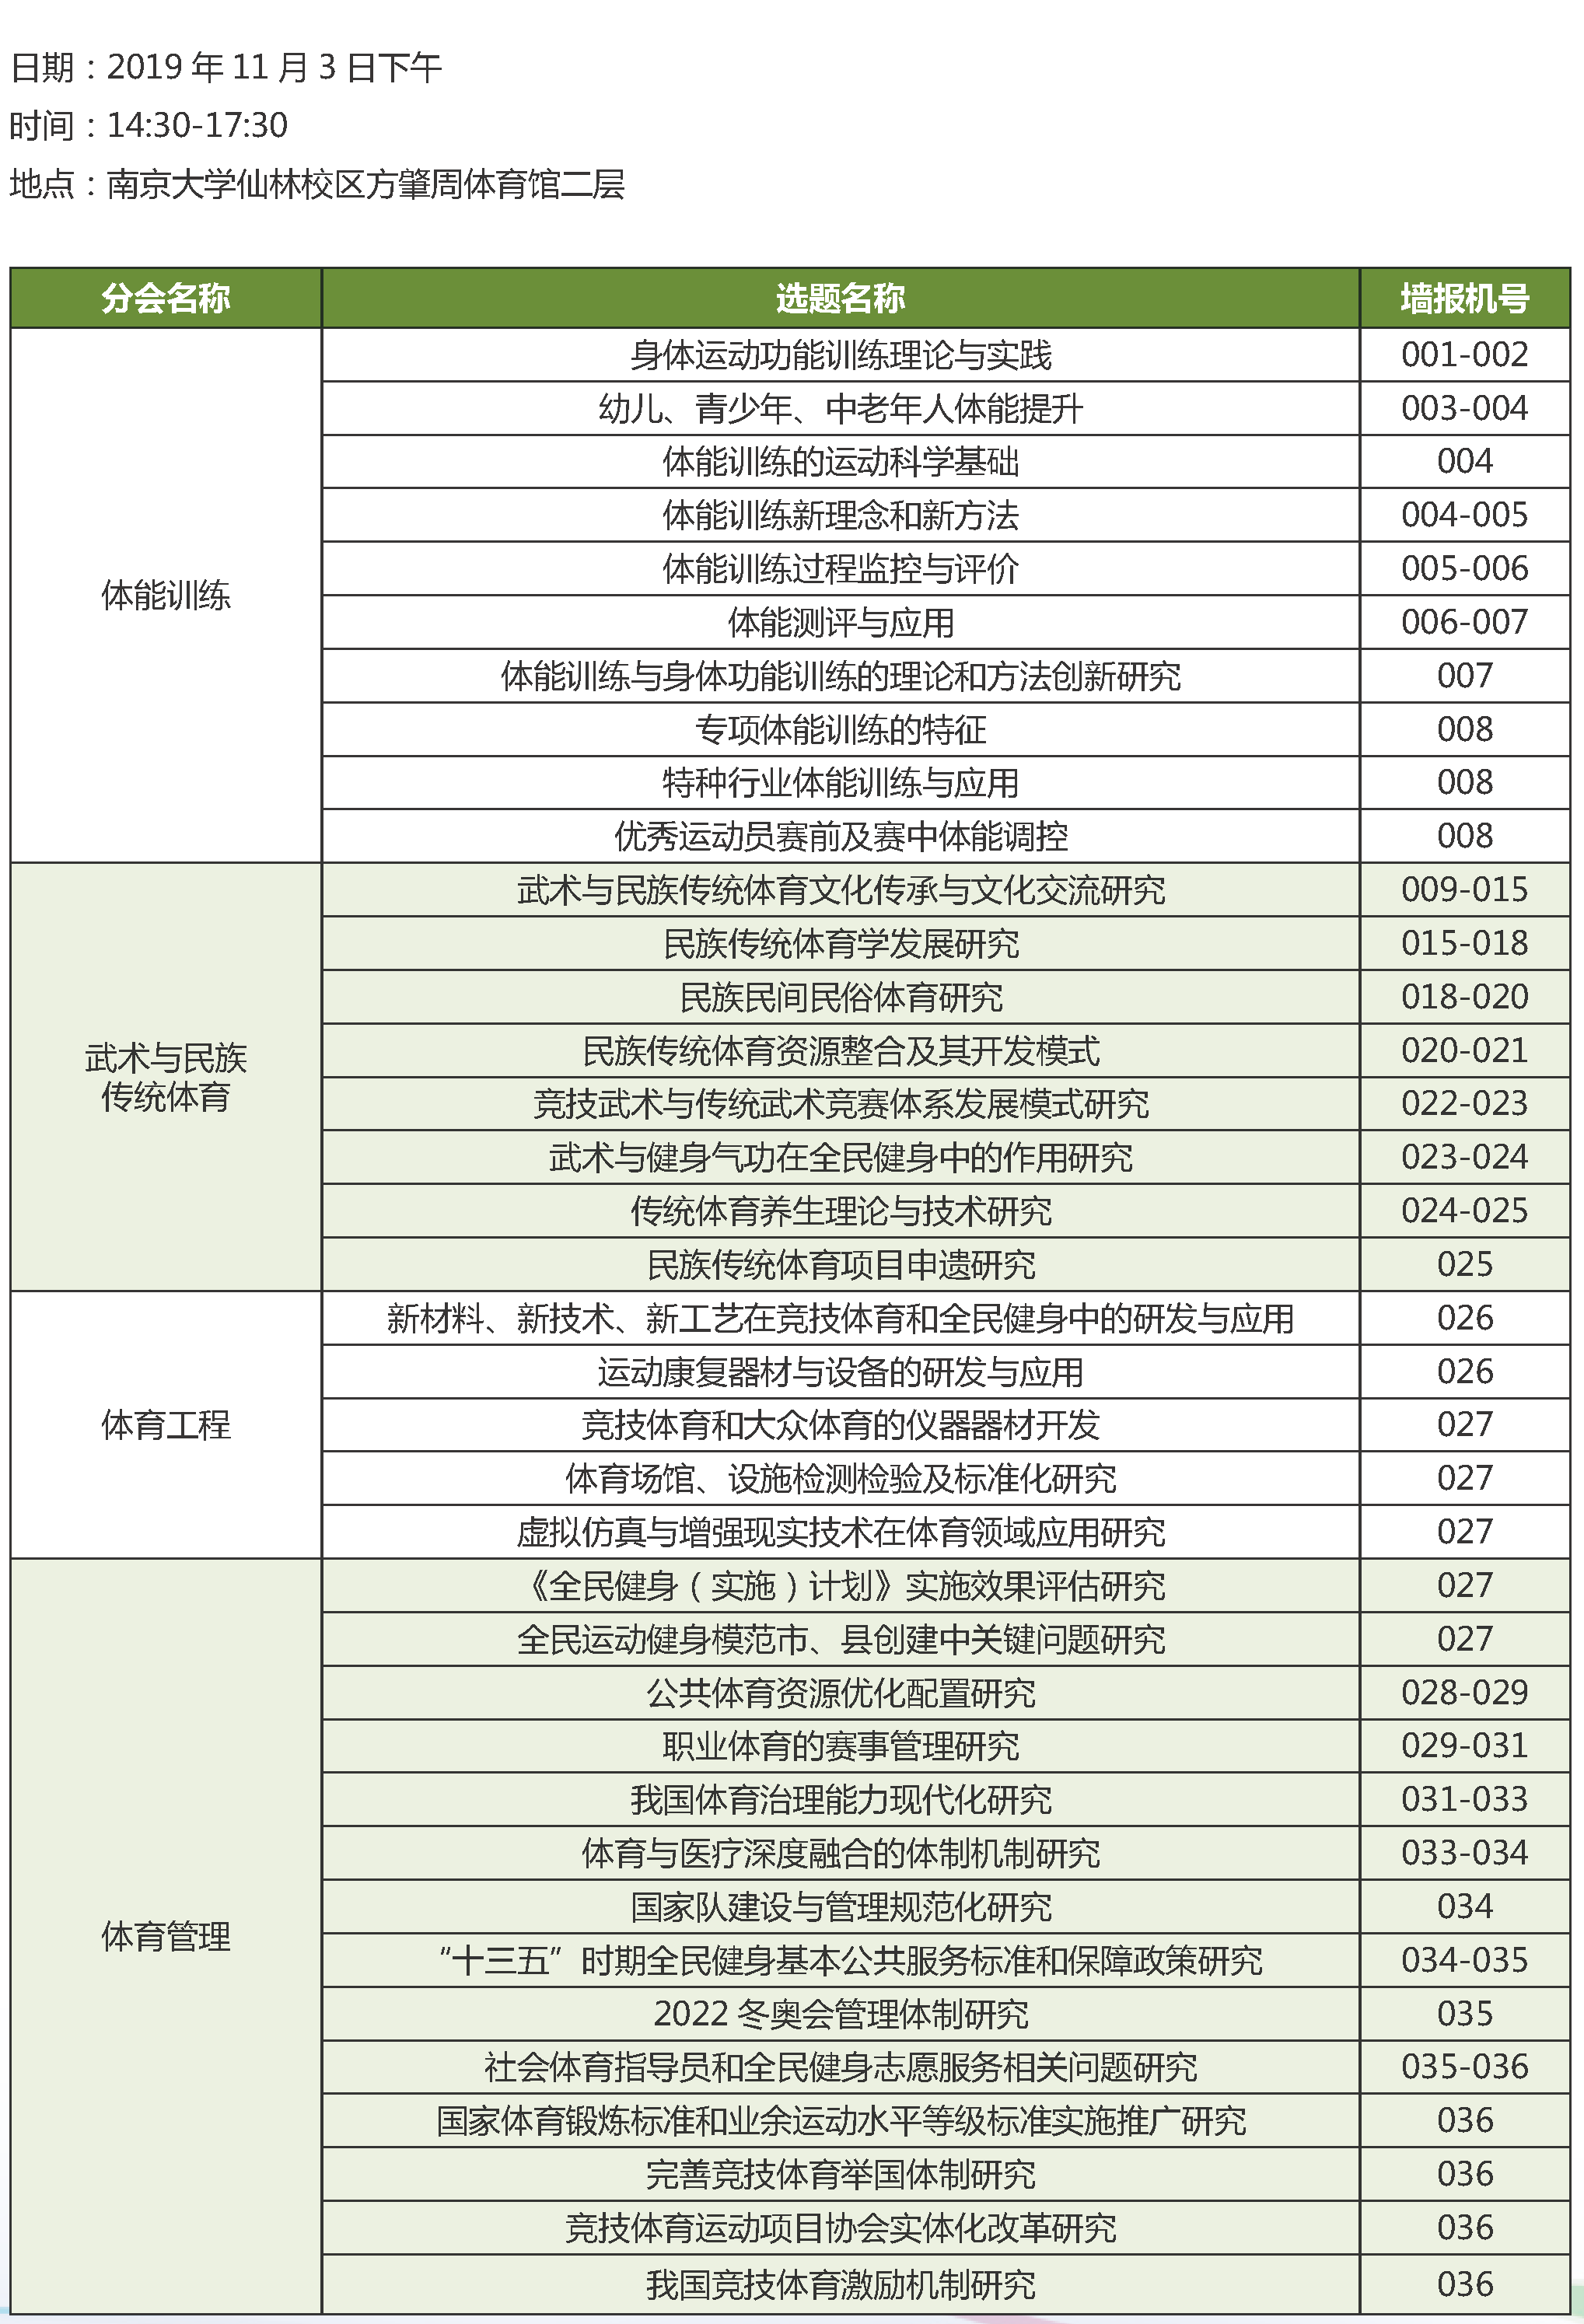 会议指南20191024-5_页面_029.png